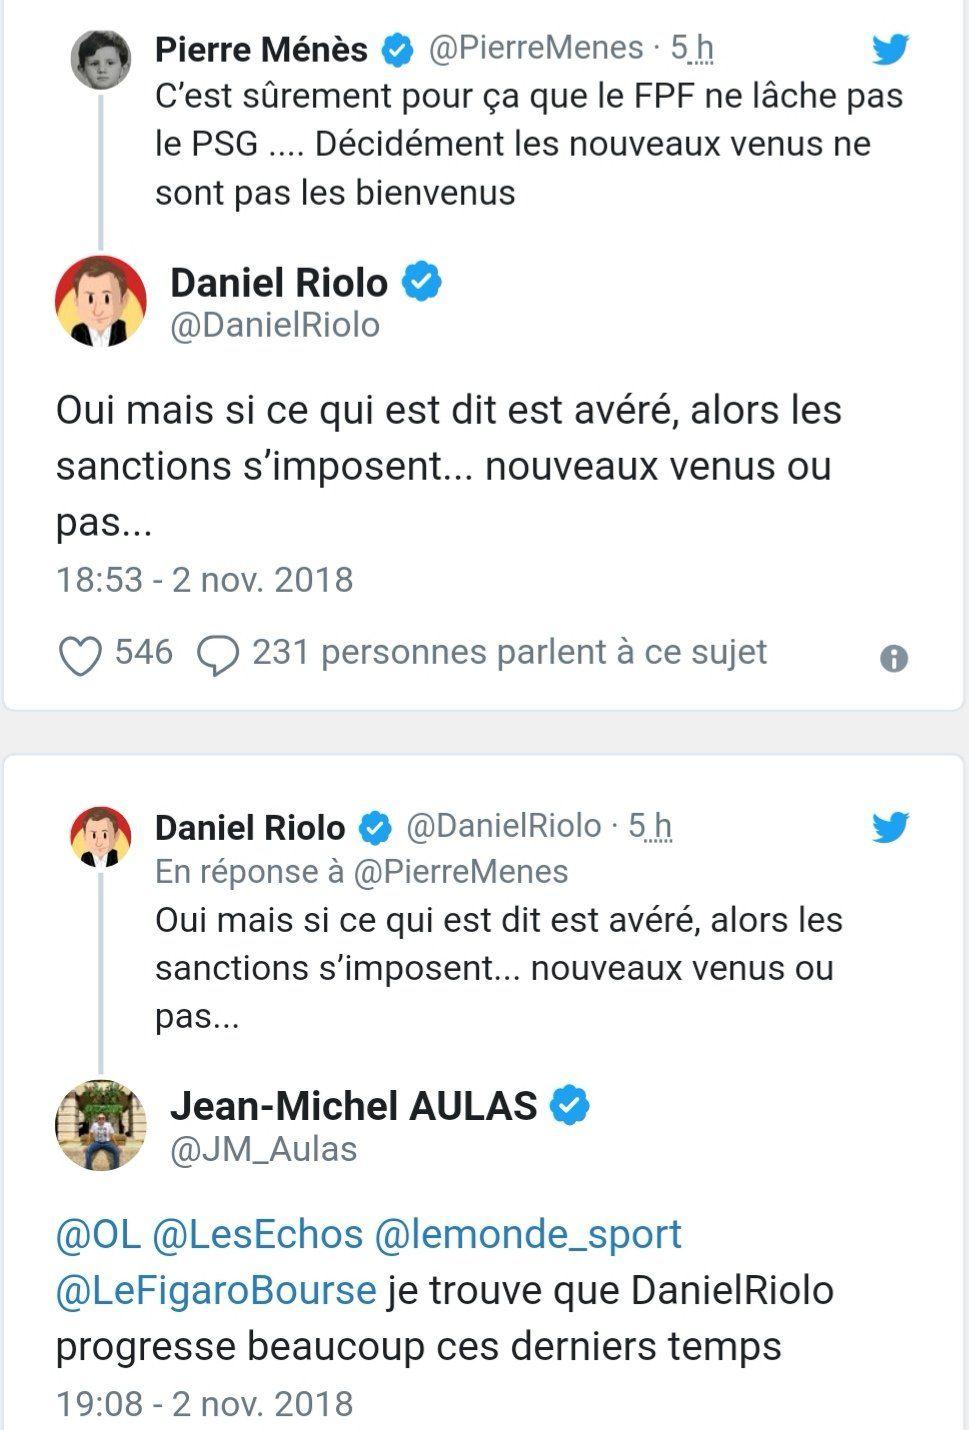 Jean Michel Aulas et Daniel Riolo réclament des sanctions